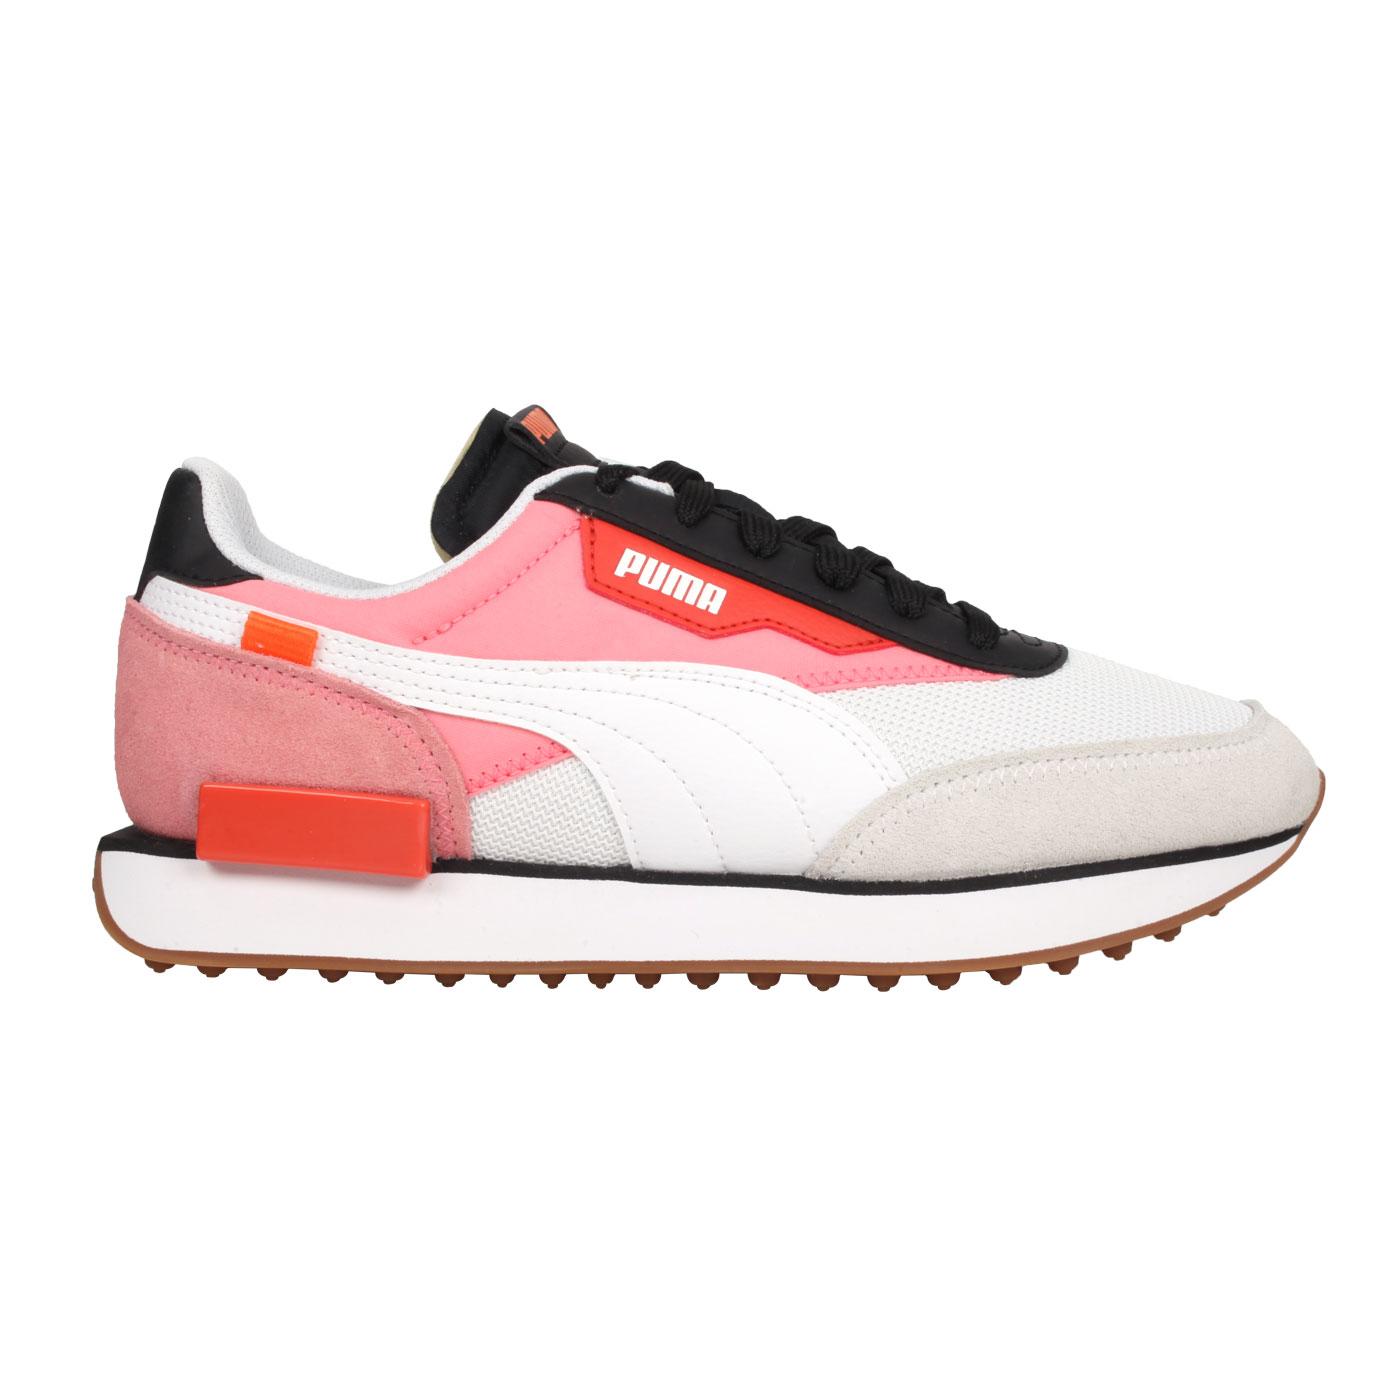 PUMA 女款復古慢跑運動鞋  @Future Rider New Tones@37338603